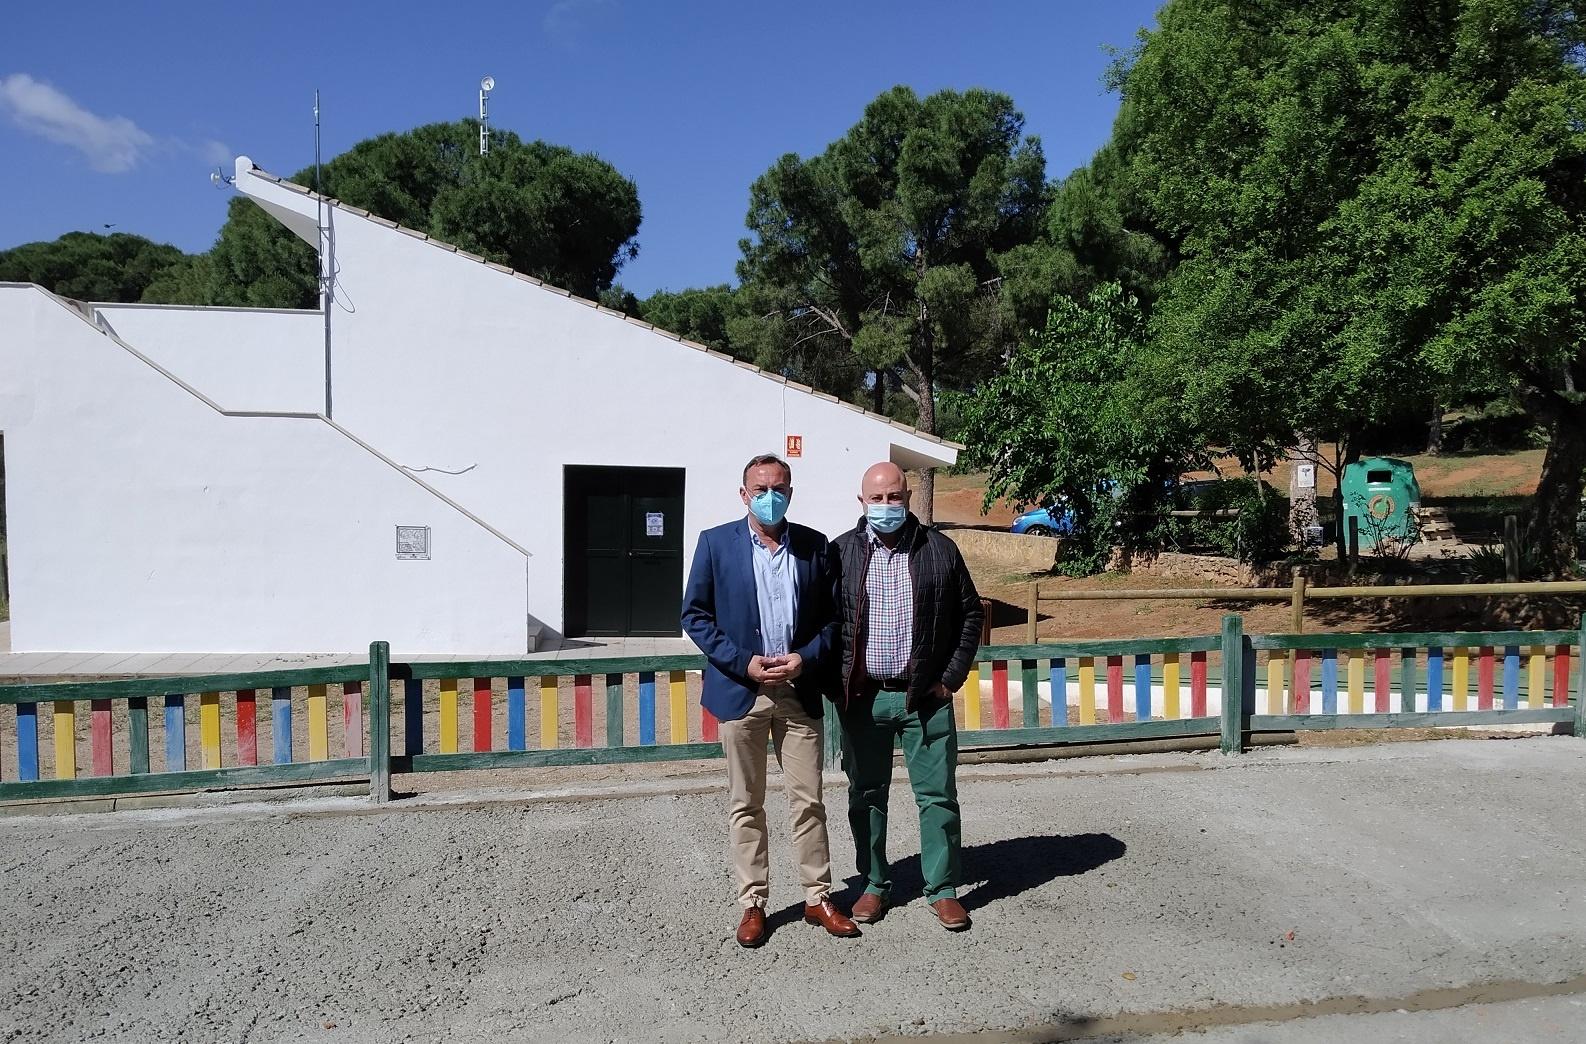 La Diputación realiza mejoras en el Parque Periurbano La Sierrezuela, en el marco del PFEA, con un presupuesto que alcanza los 54.000 euros